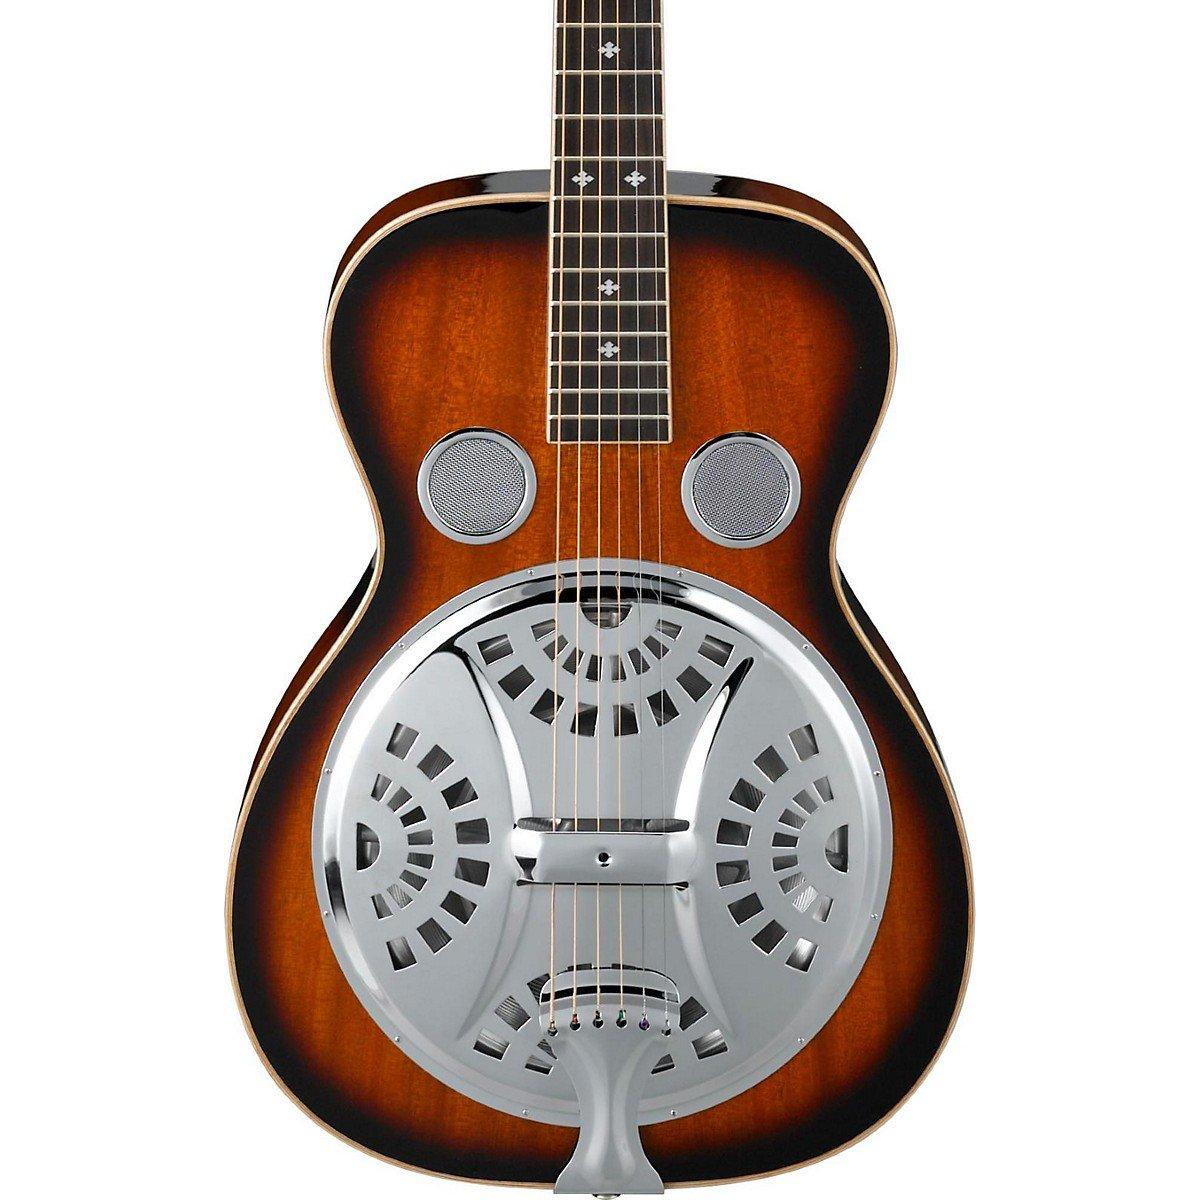 Ibanez RA200 Acoustic Resonator Guitar by Ibanez